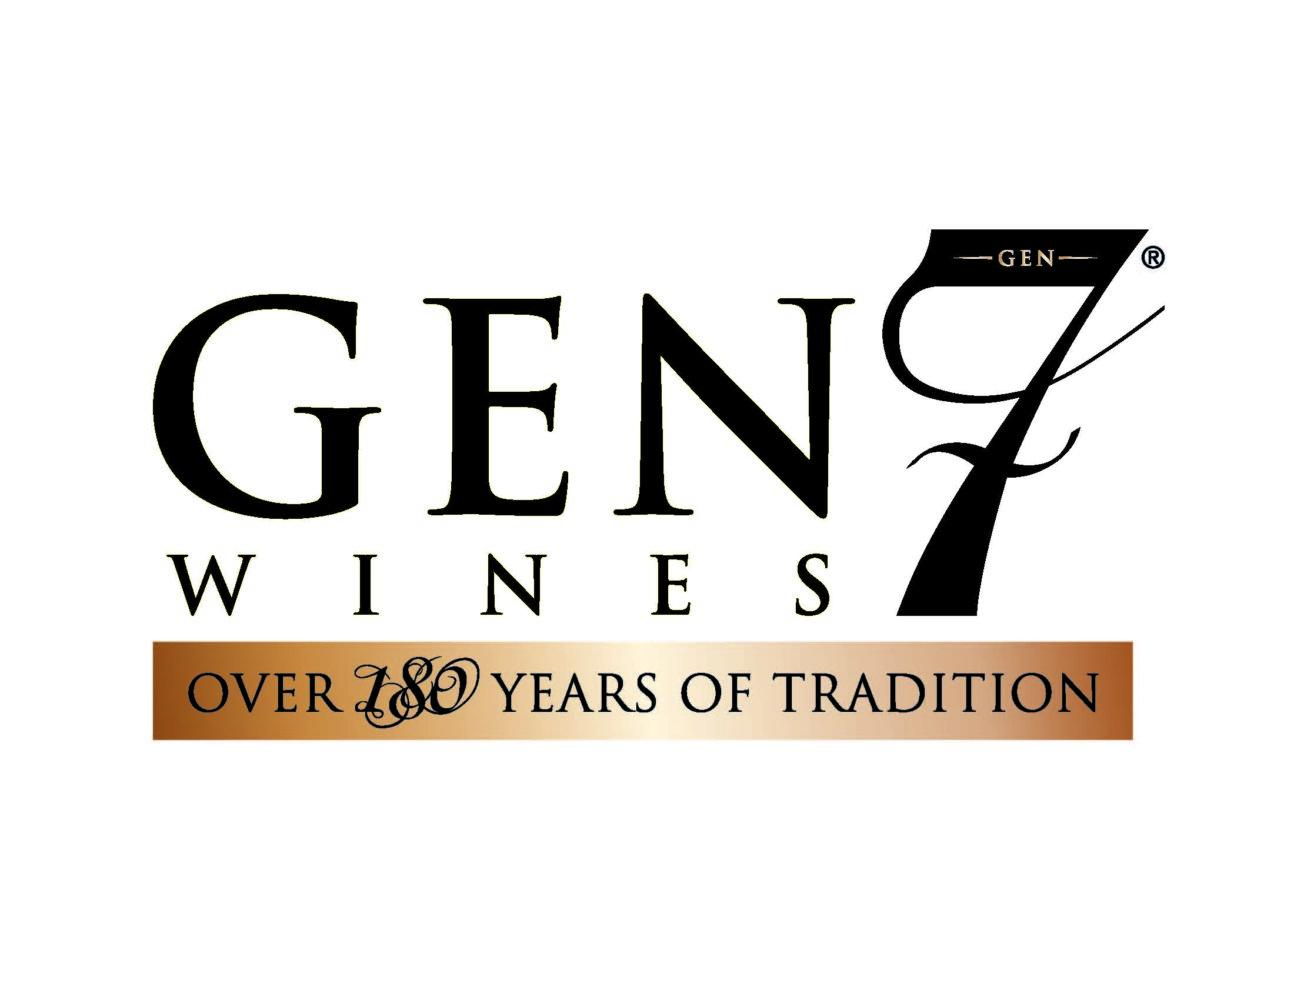 Gen7 Wines